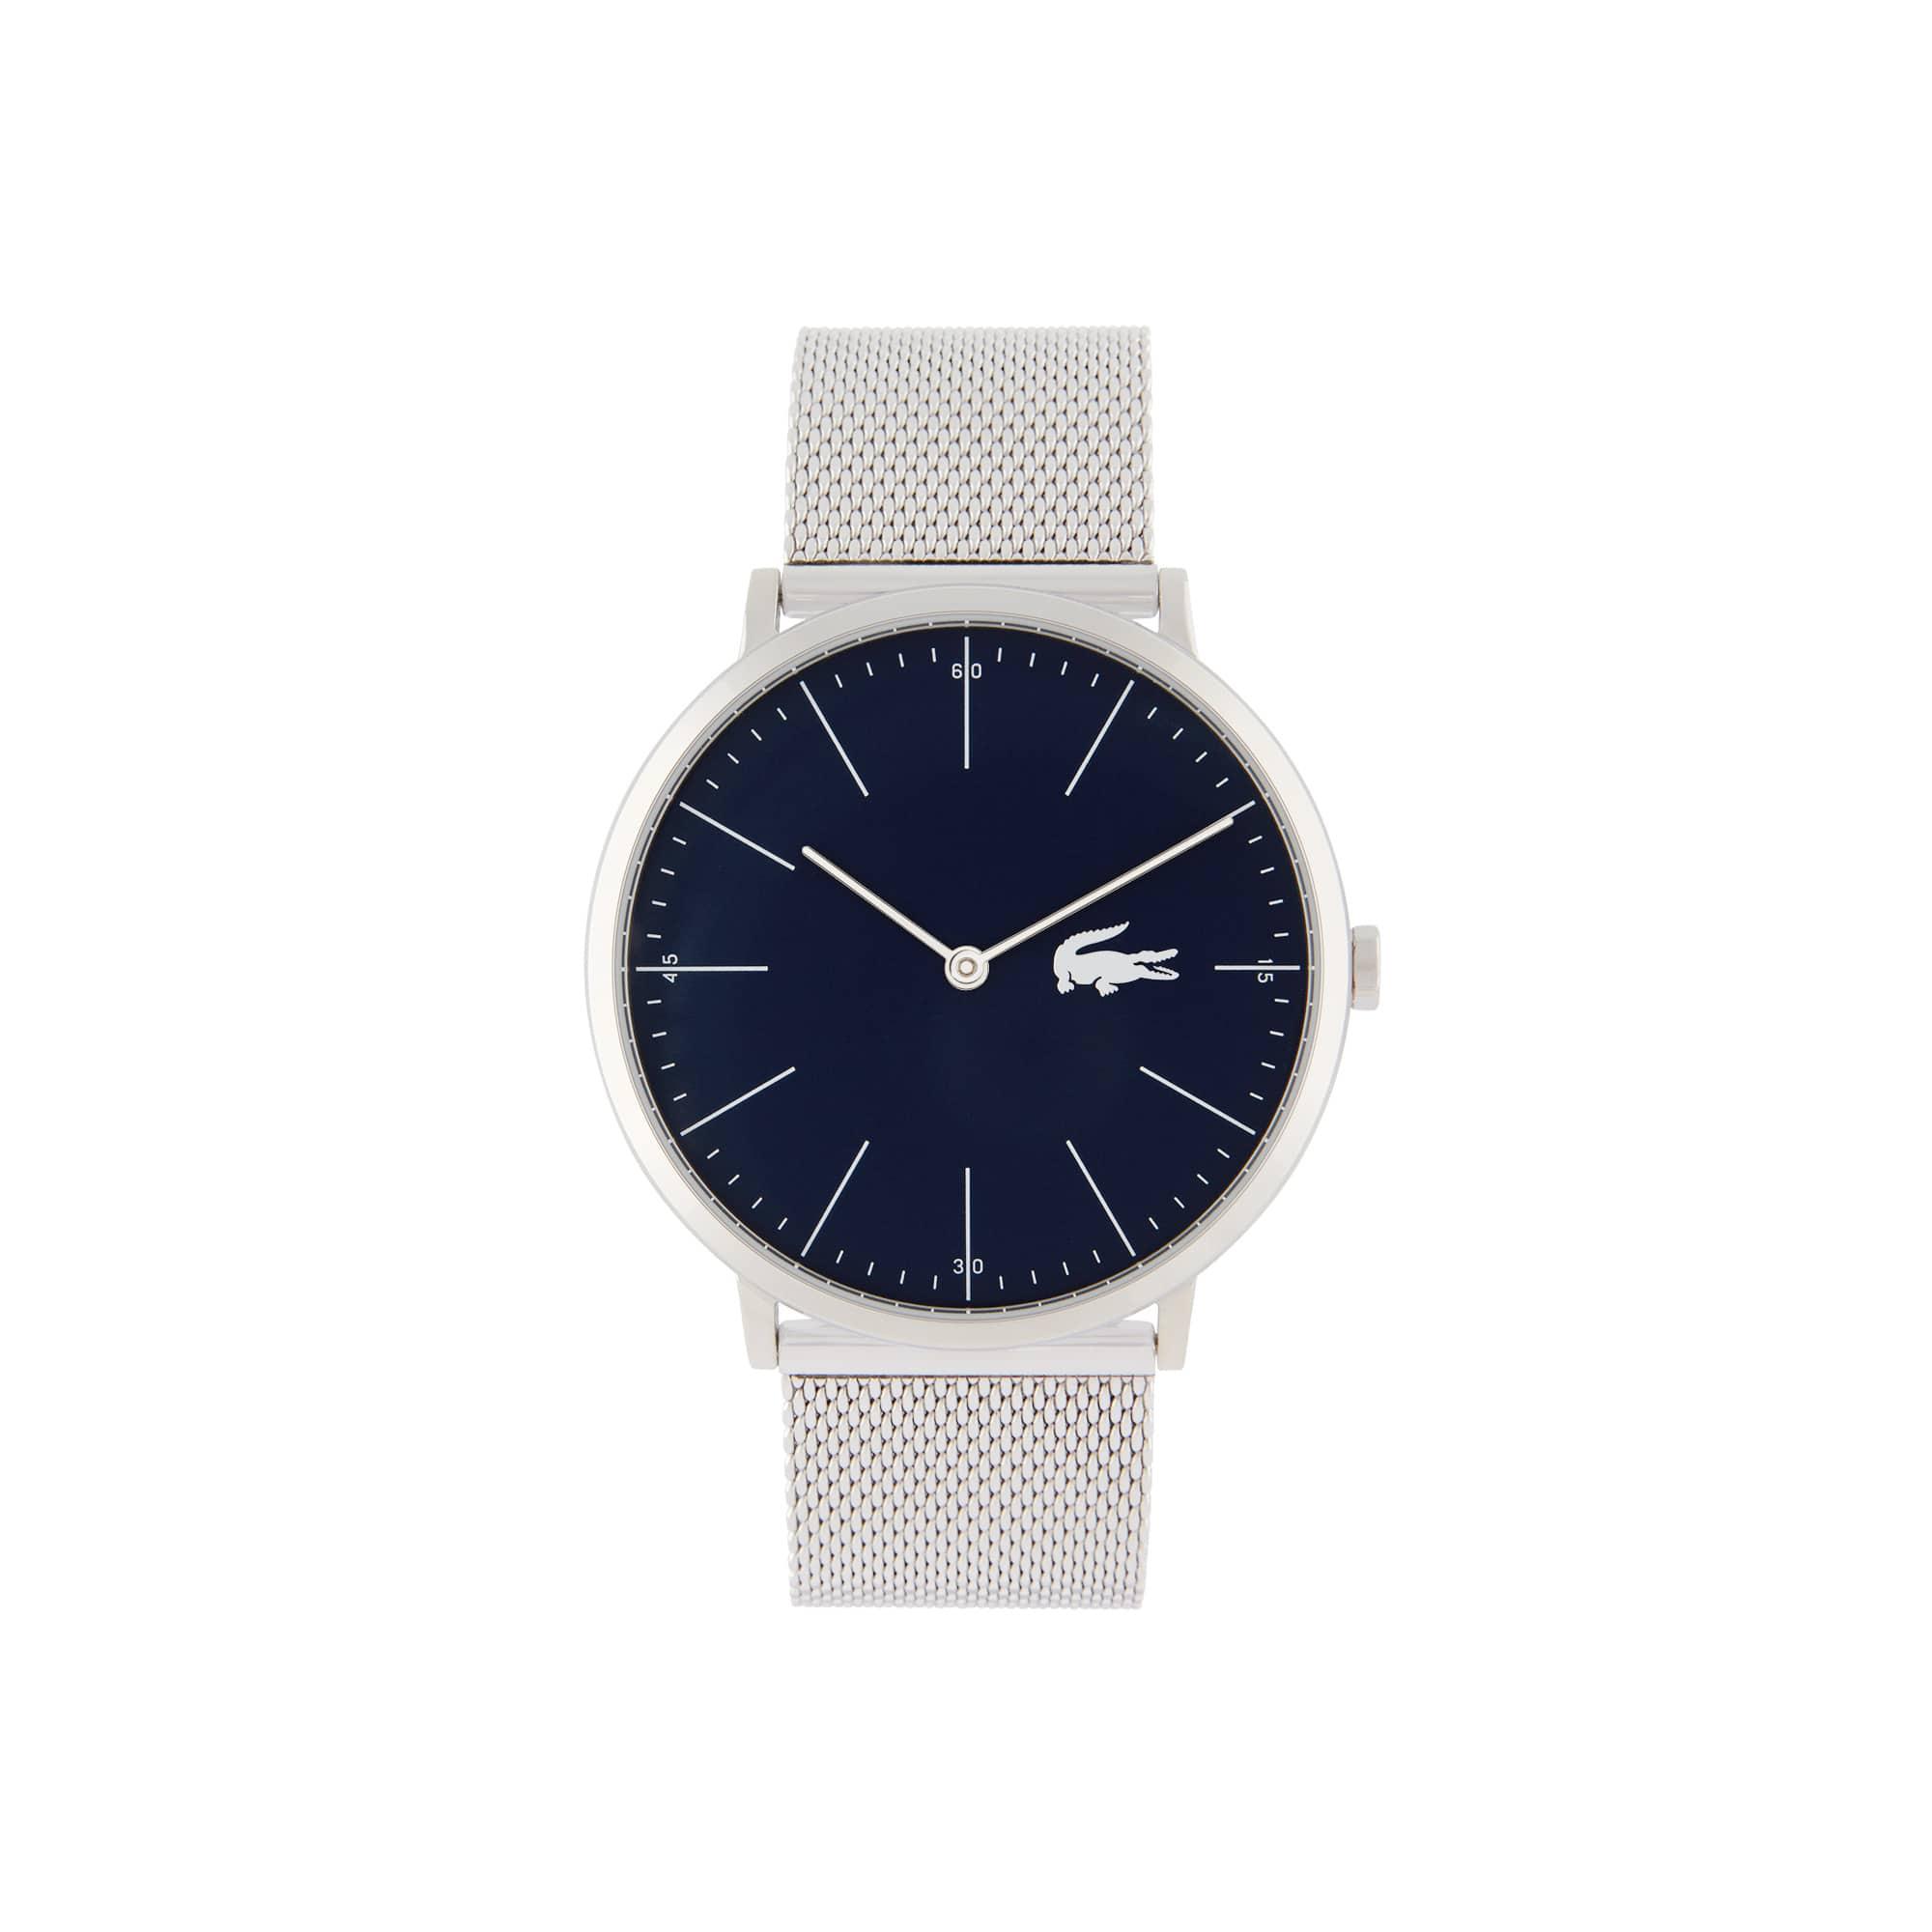 Relógio ultra slim Moon de homem com bracelete de rede de aço inoxidável